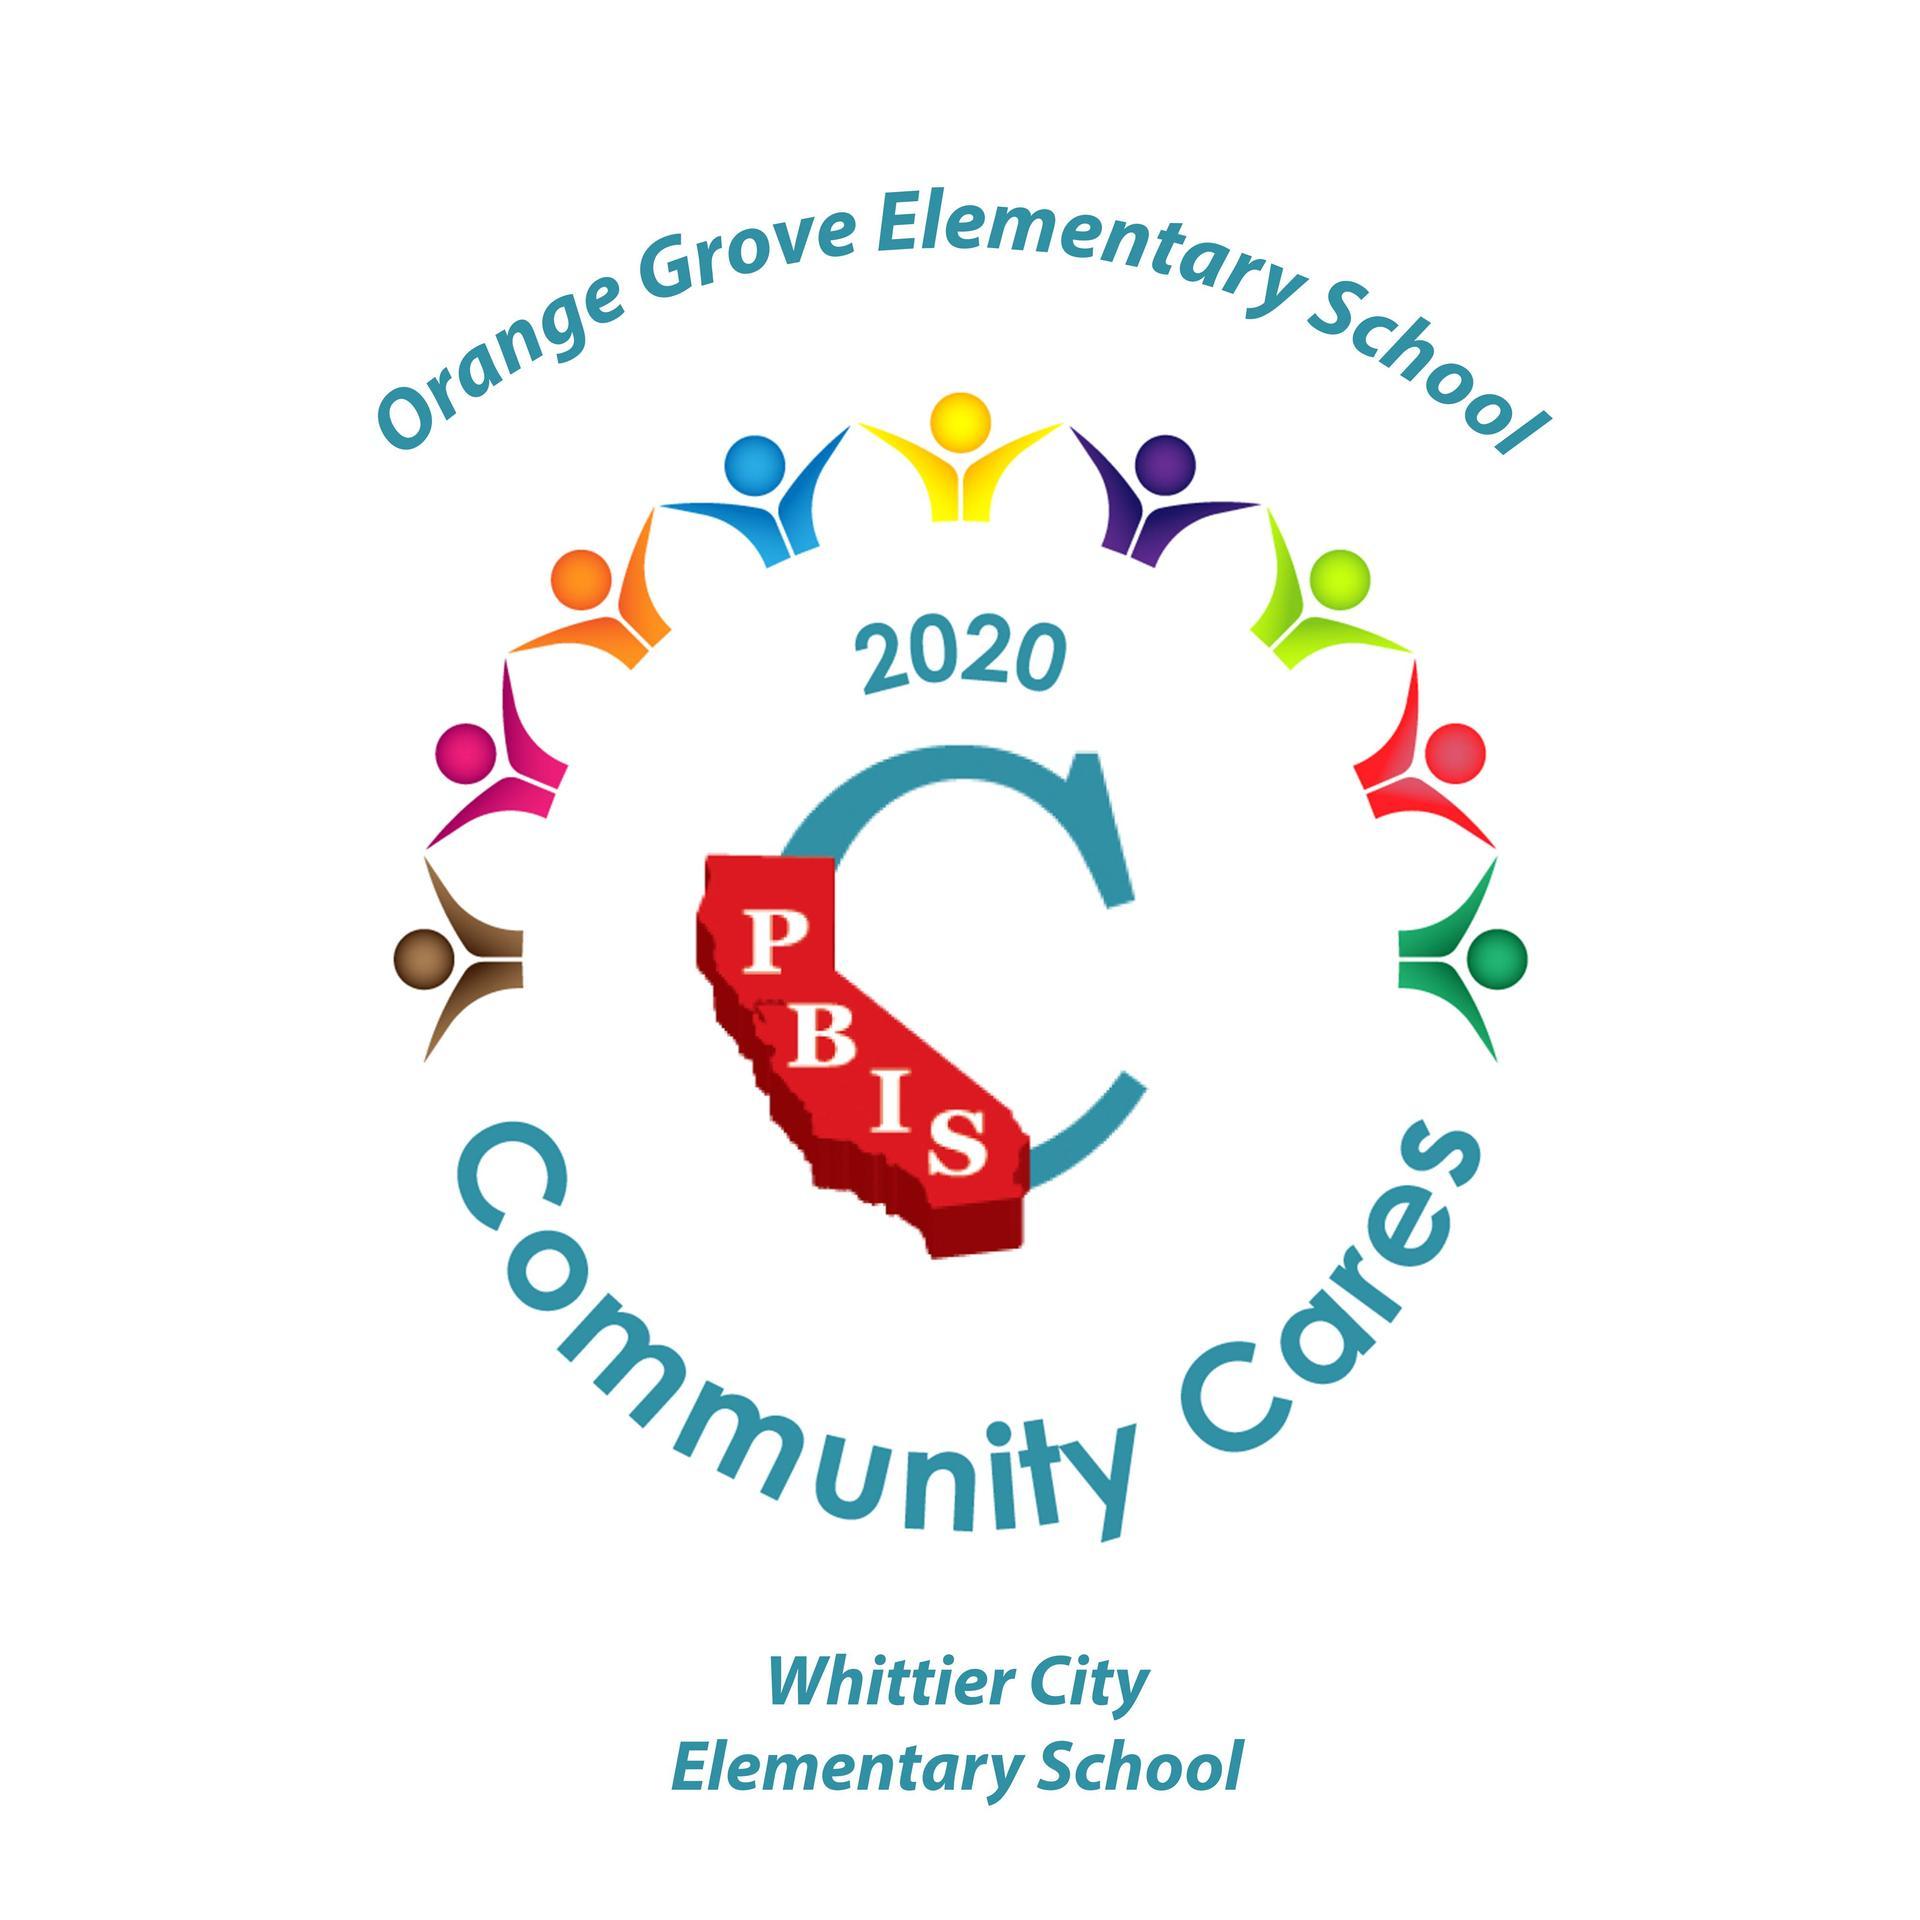 Orange Grove Elementary